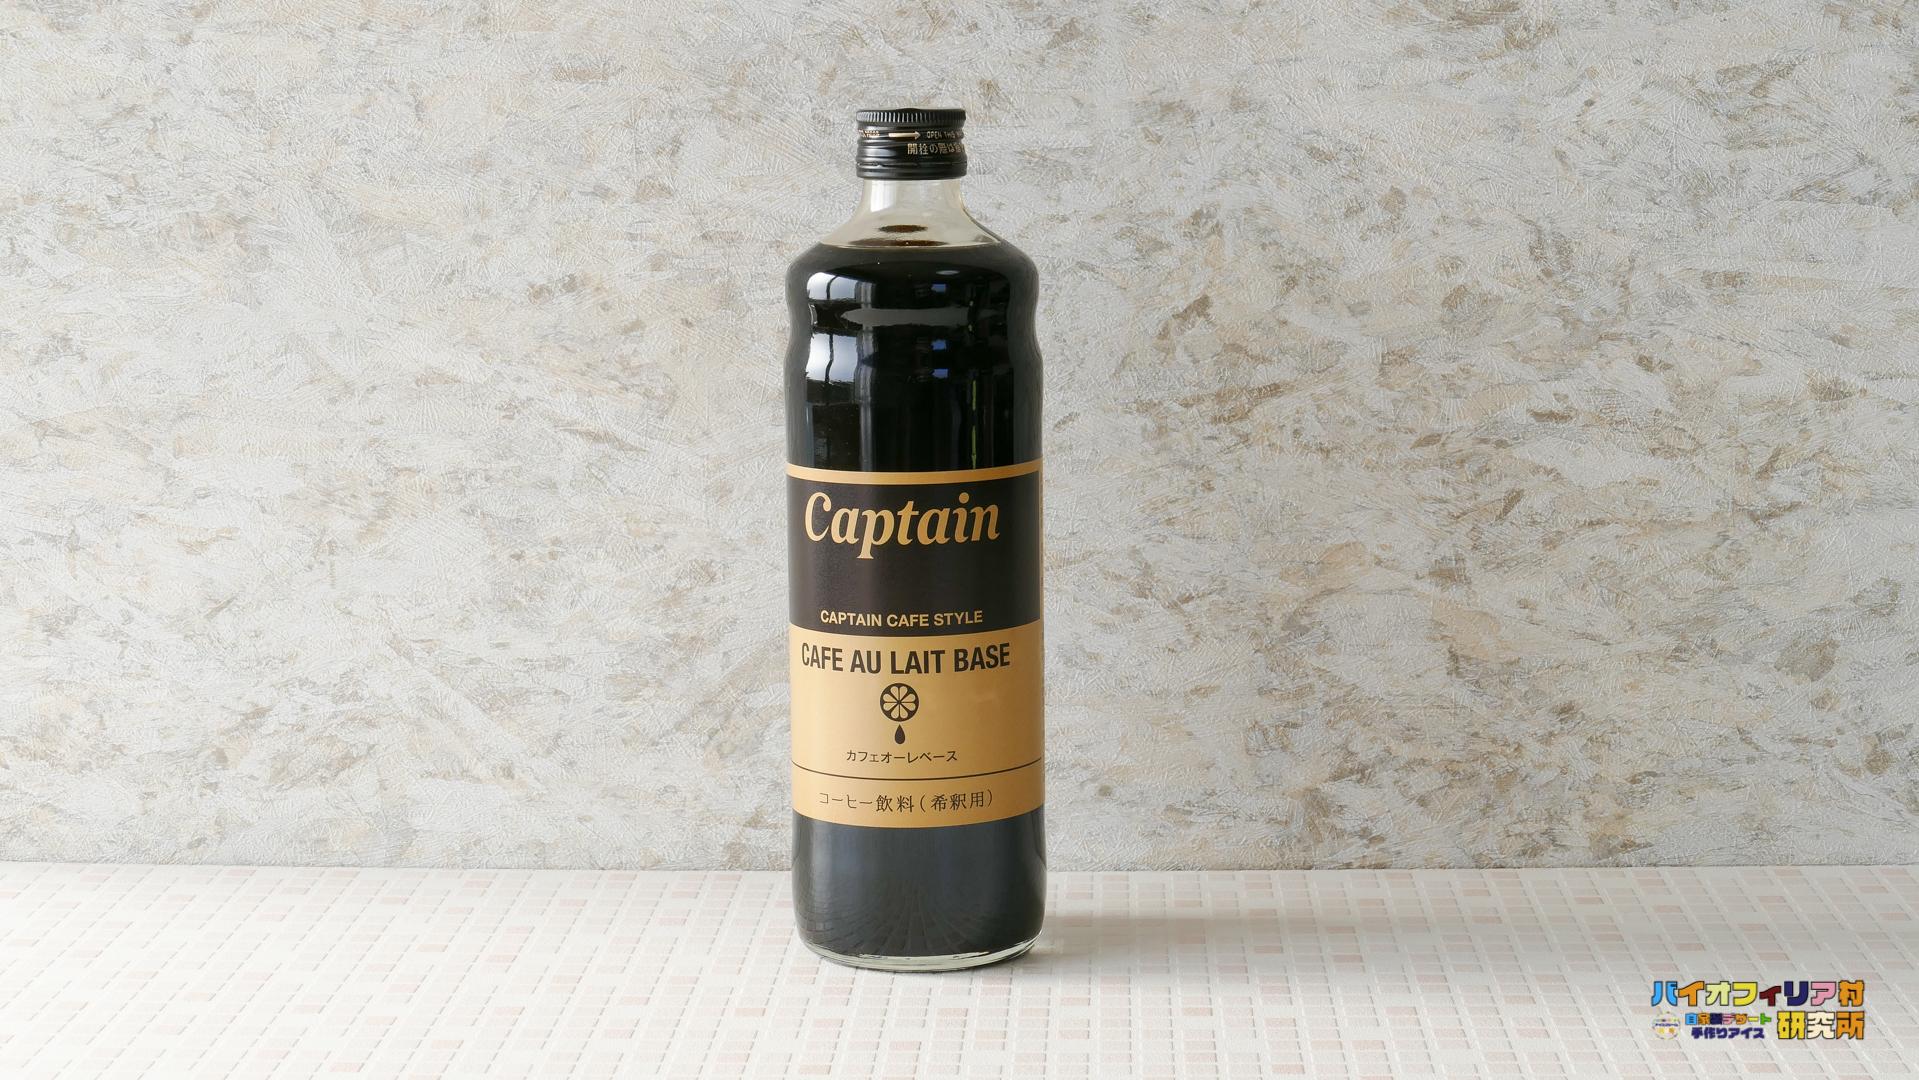 キャプテン(中村商店)「カフェオレベース」の商品画像です。